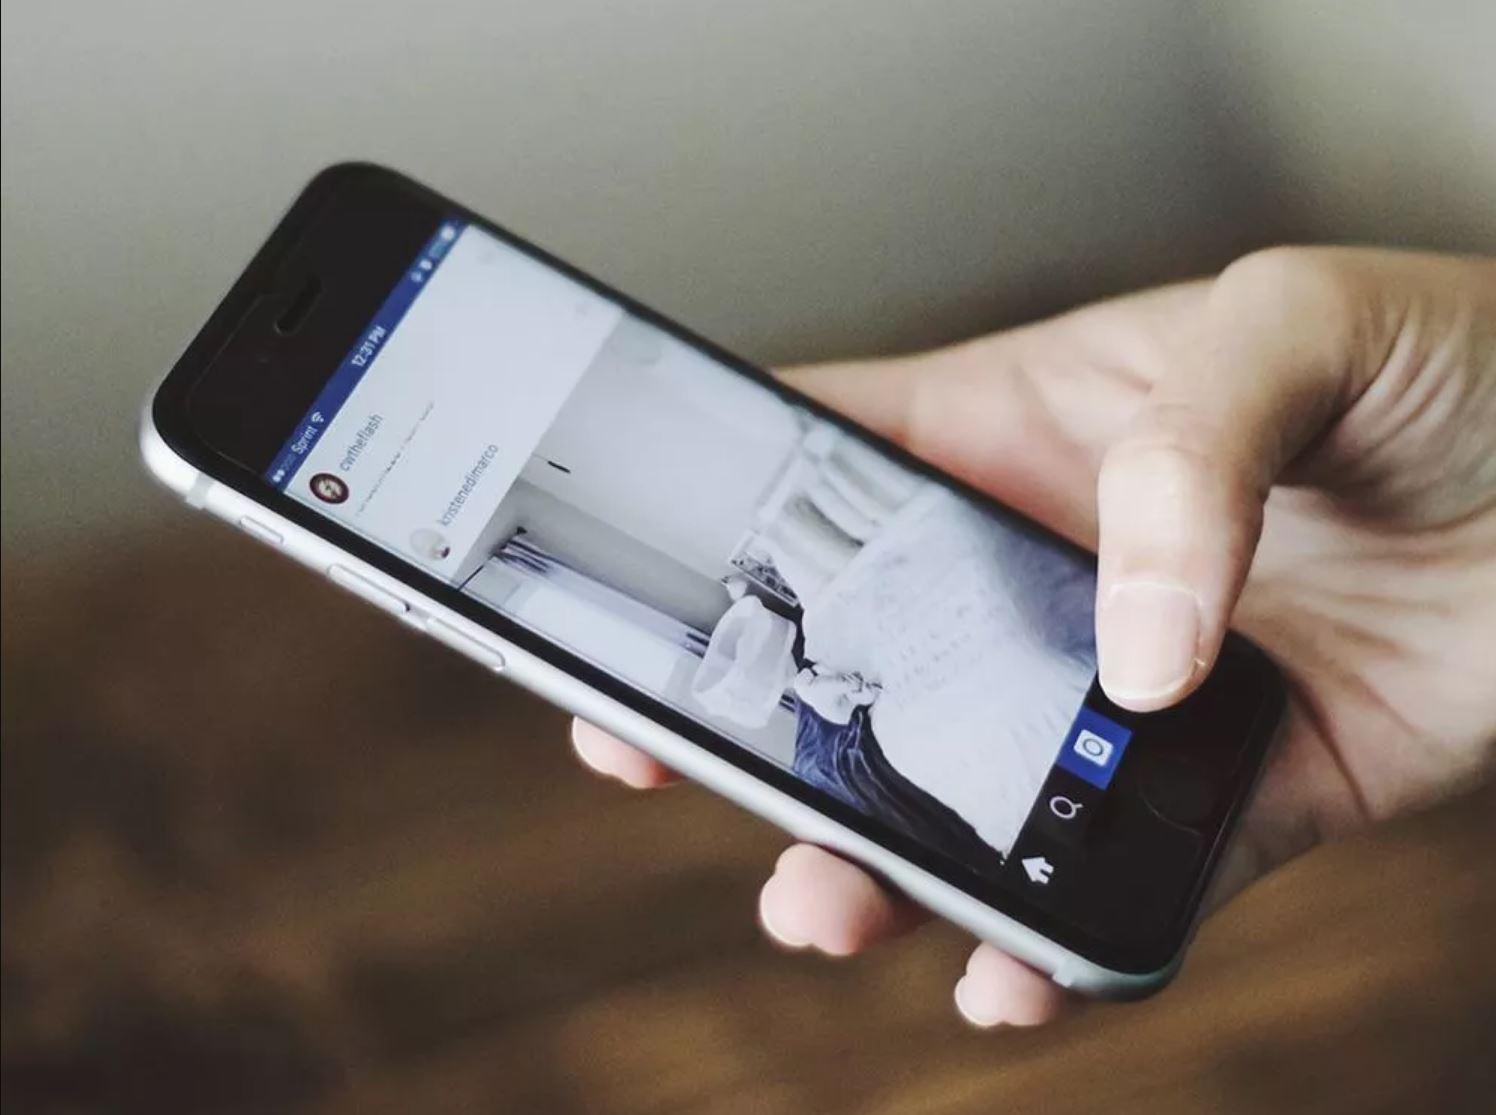 Apa Smartphone Merekam Pembicaraan Anda Tanpa Izin?